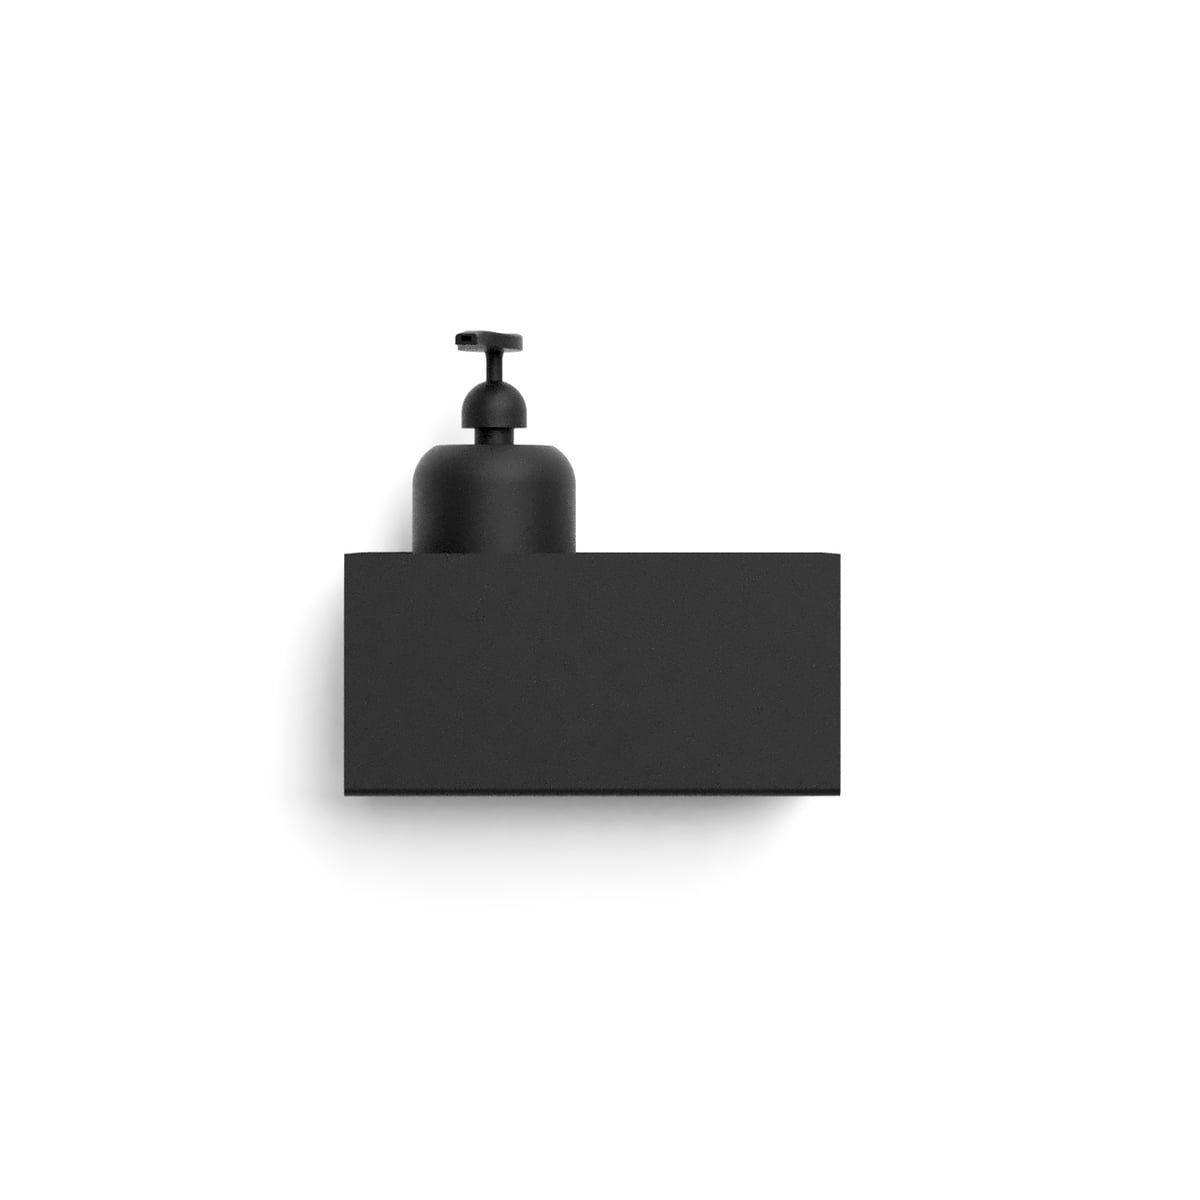 Nichba Design Wandablage L 20 Cm Schwarz Ablage Dusche Ablage Und Badezimmer Accessoires